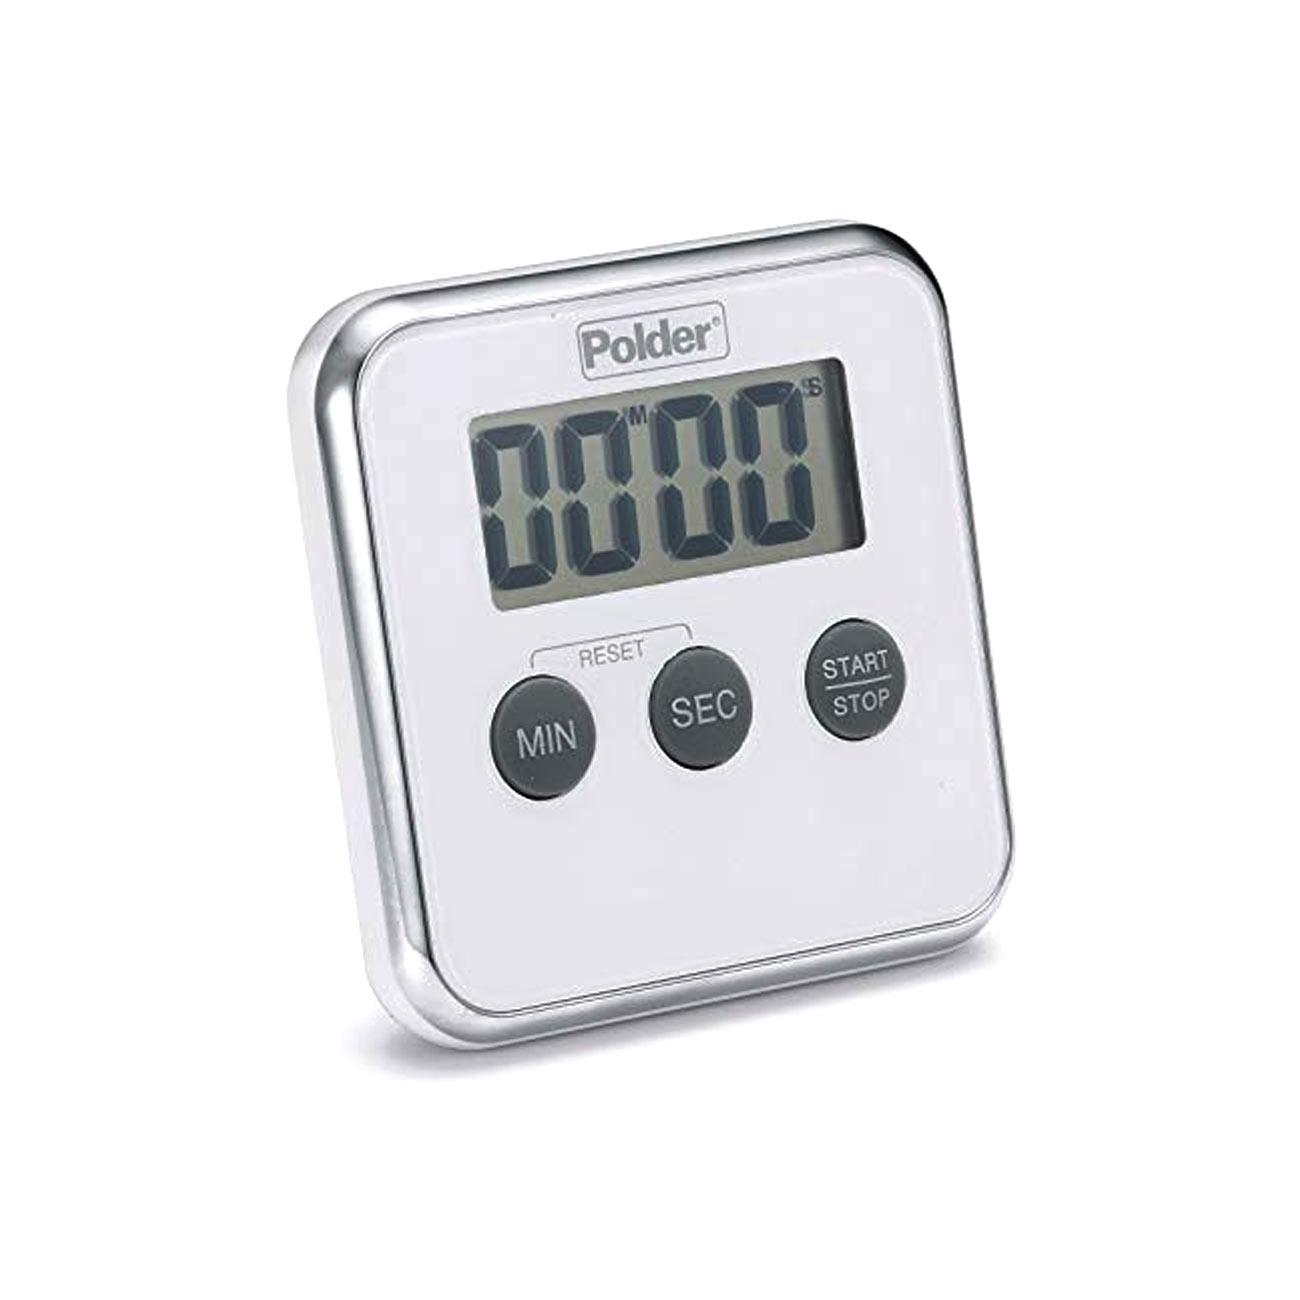 Polder Kitchen Scale: Polder Digital Kitchen Timer